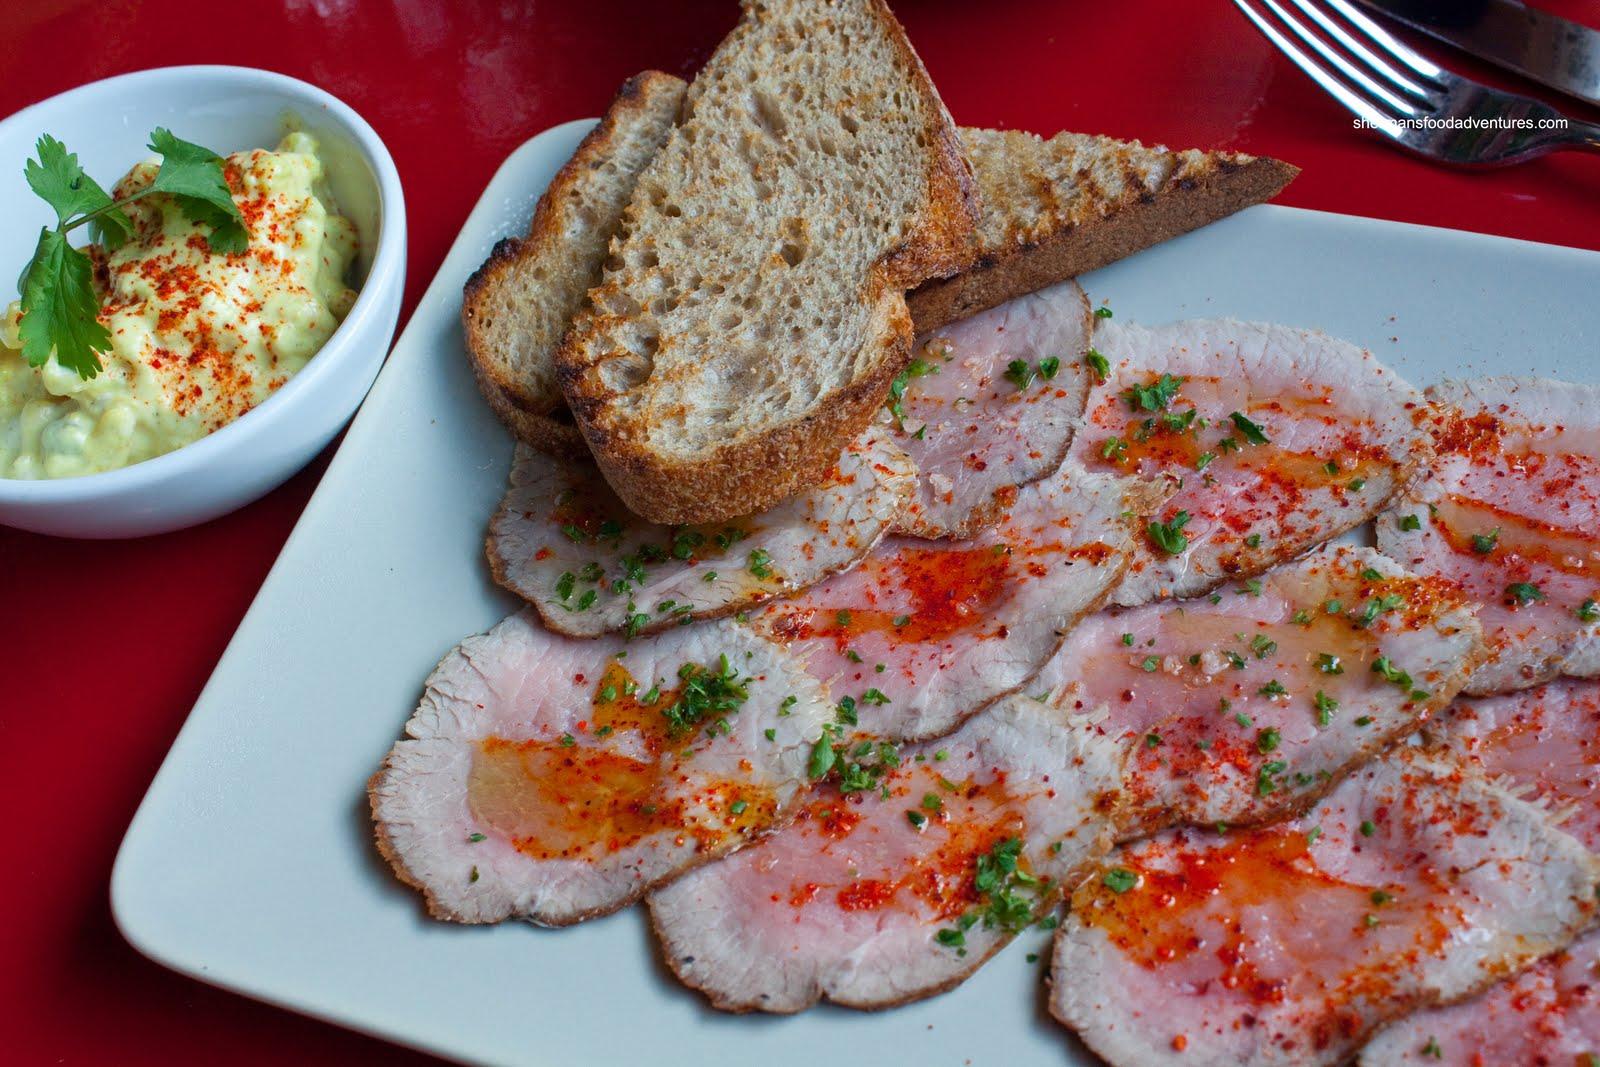 Sherman's Food Adventures: Café Régalade